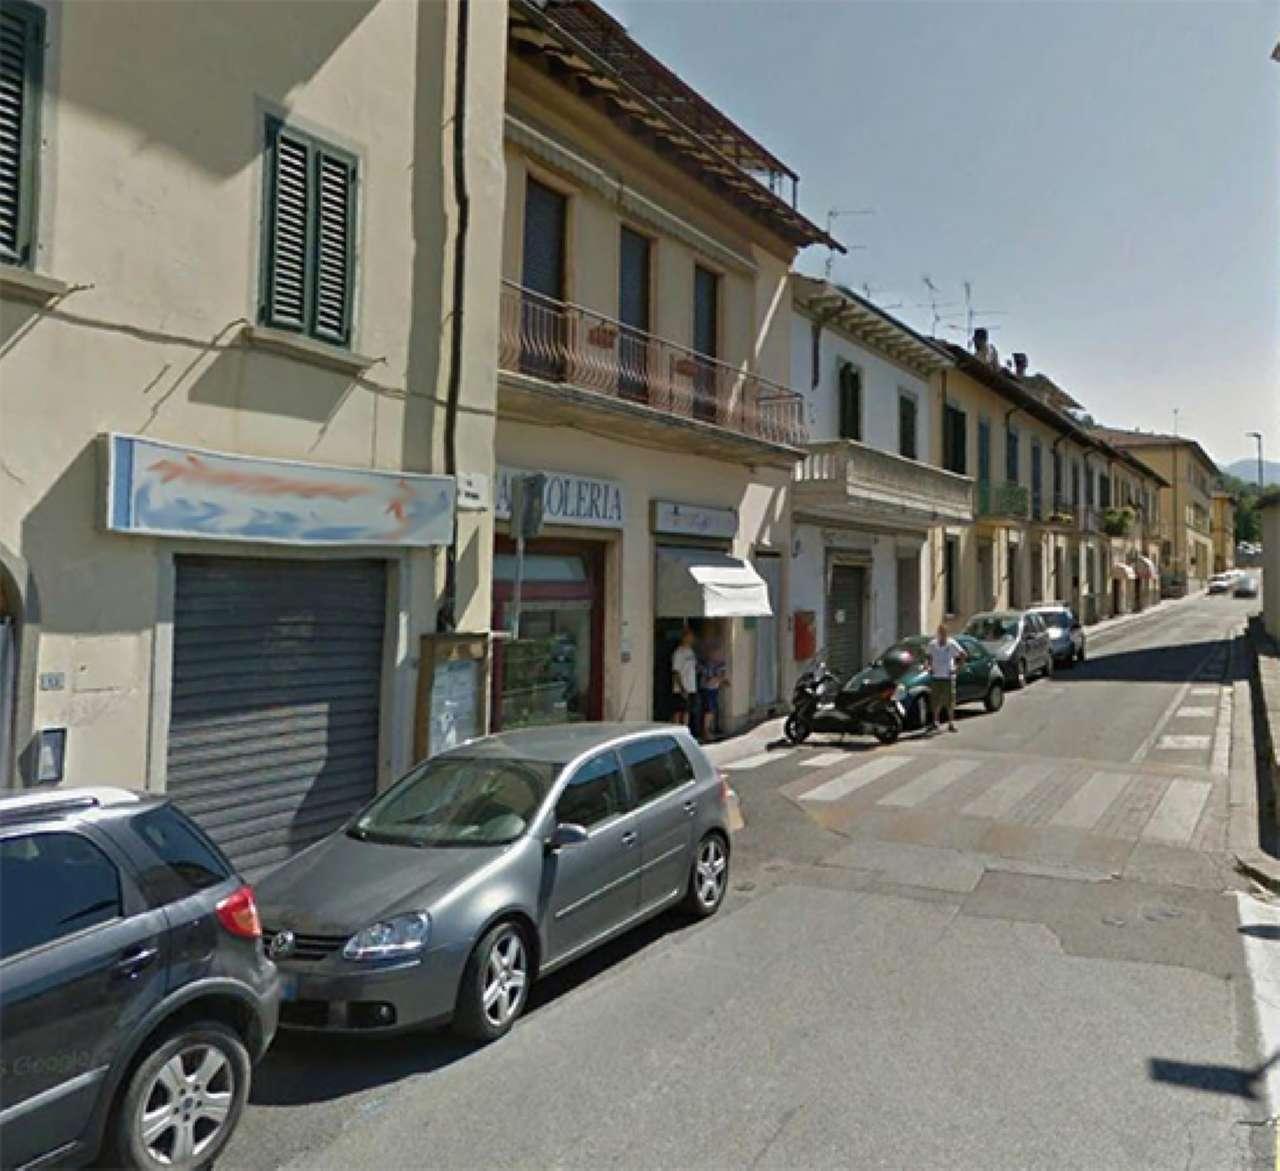 Negozio / Locale in affitto a Pelago, 1 locali, prezzo € 600 | CambioCasa.it